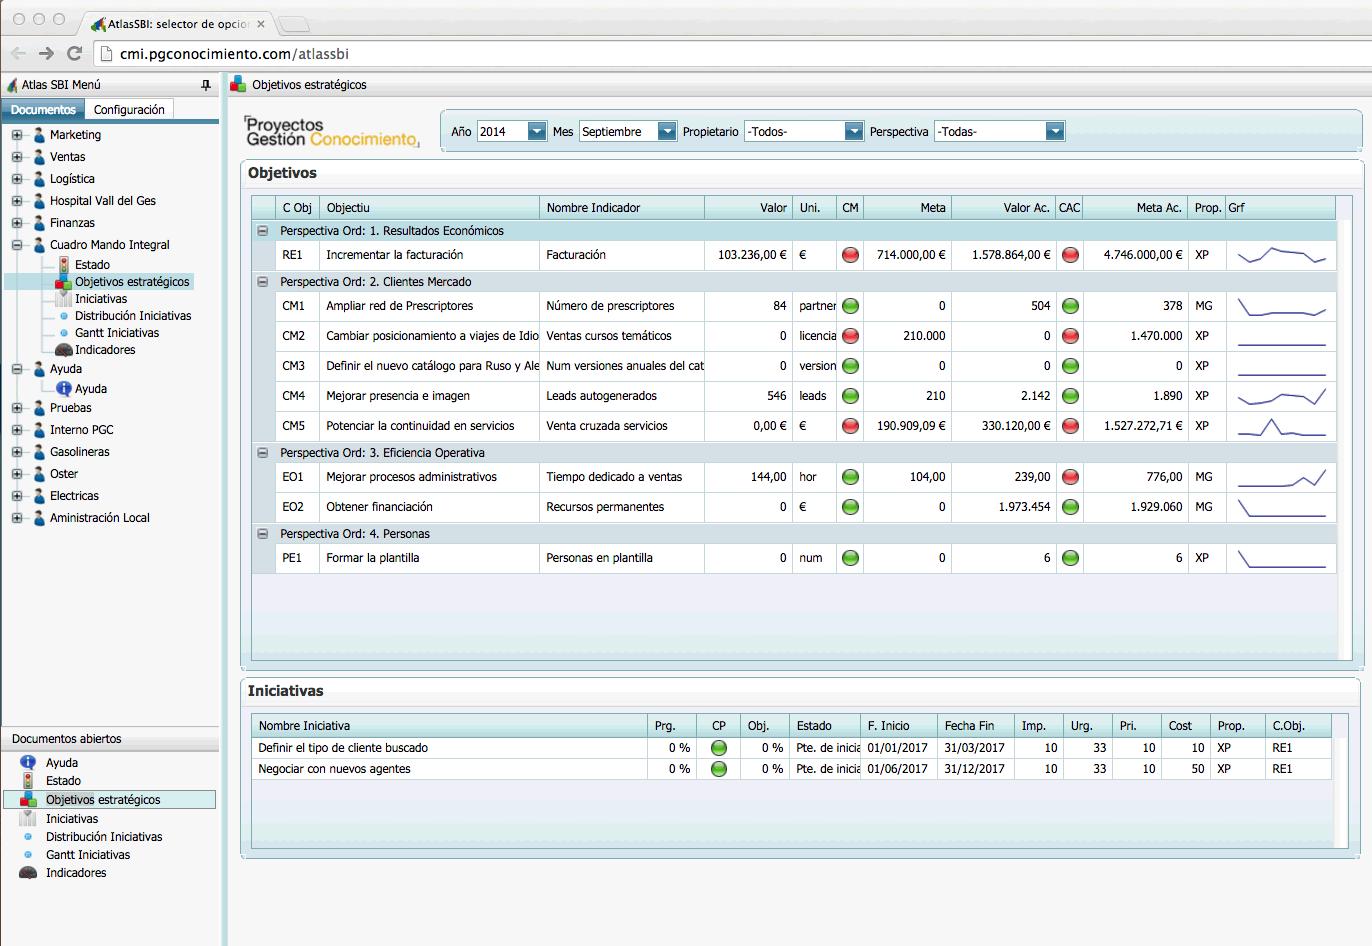 Atlas SBI - Objetivos estratégicos